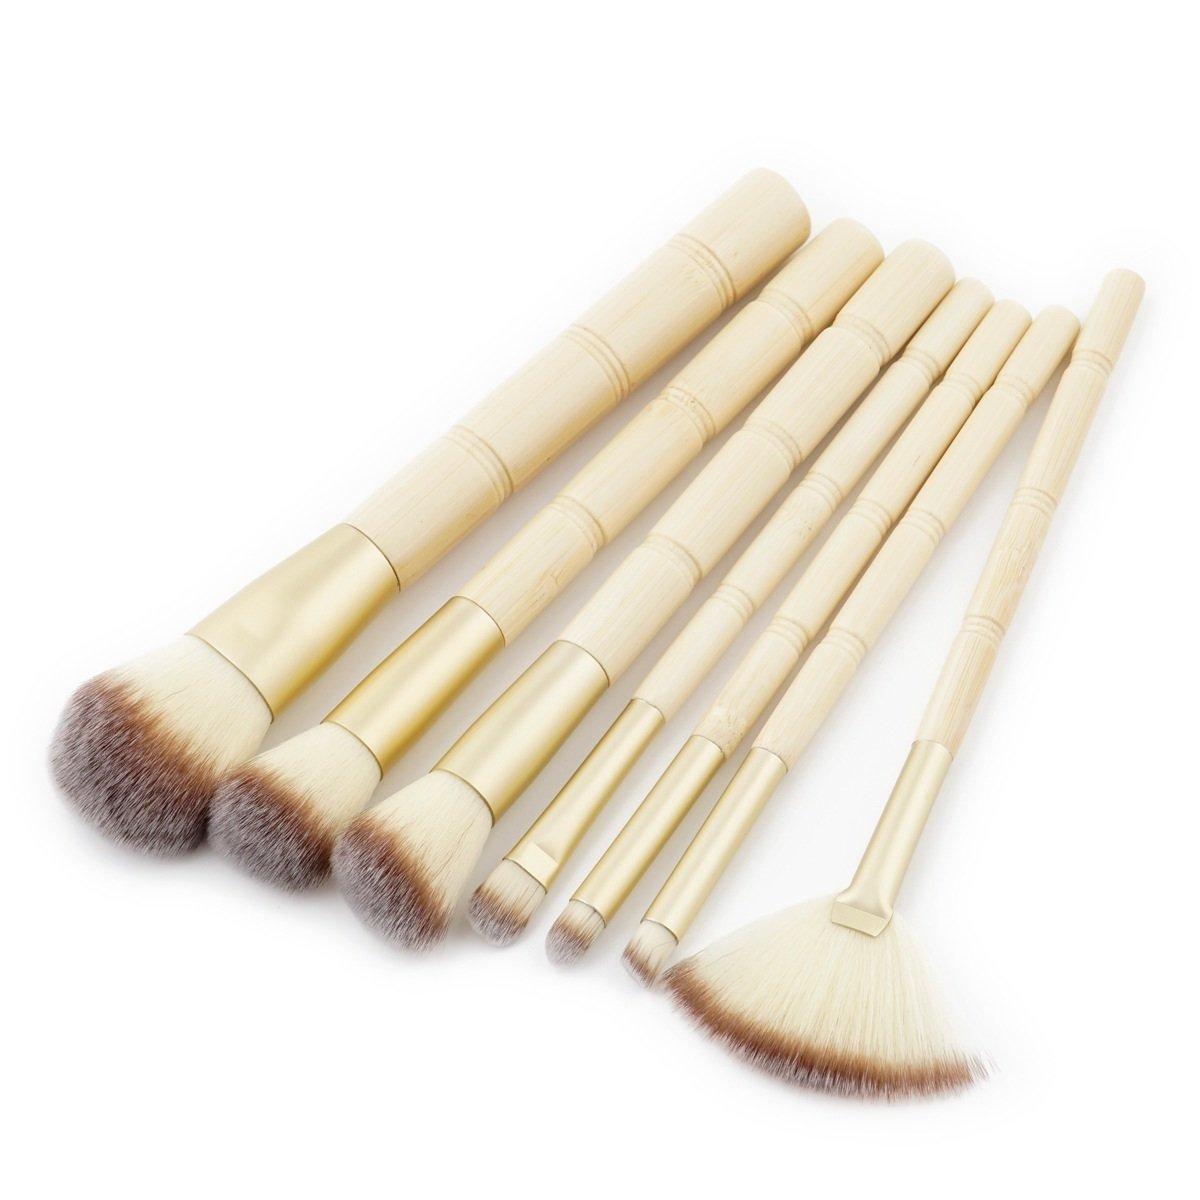 Cepillos de Maquillaje de bambú